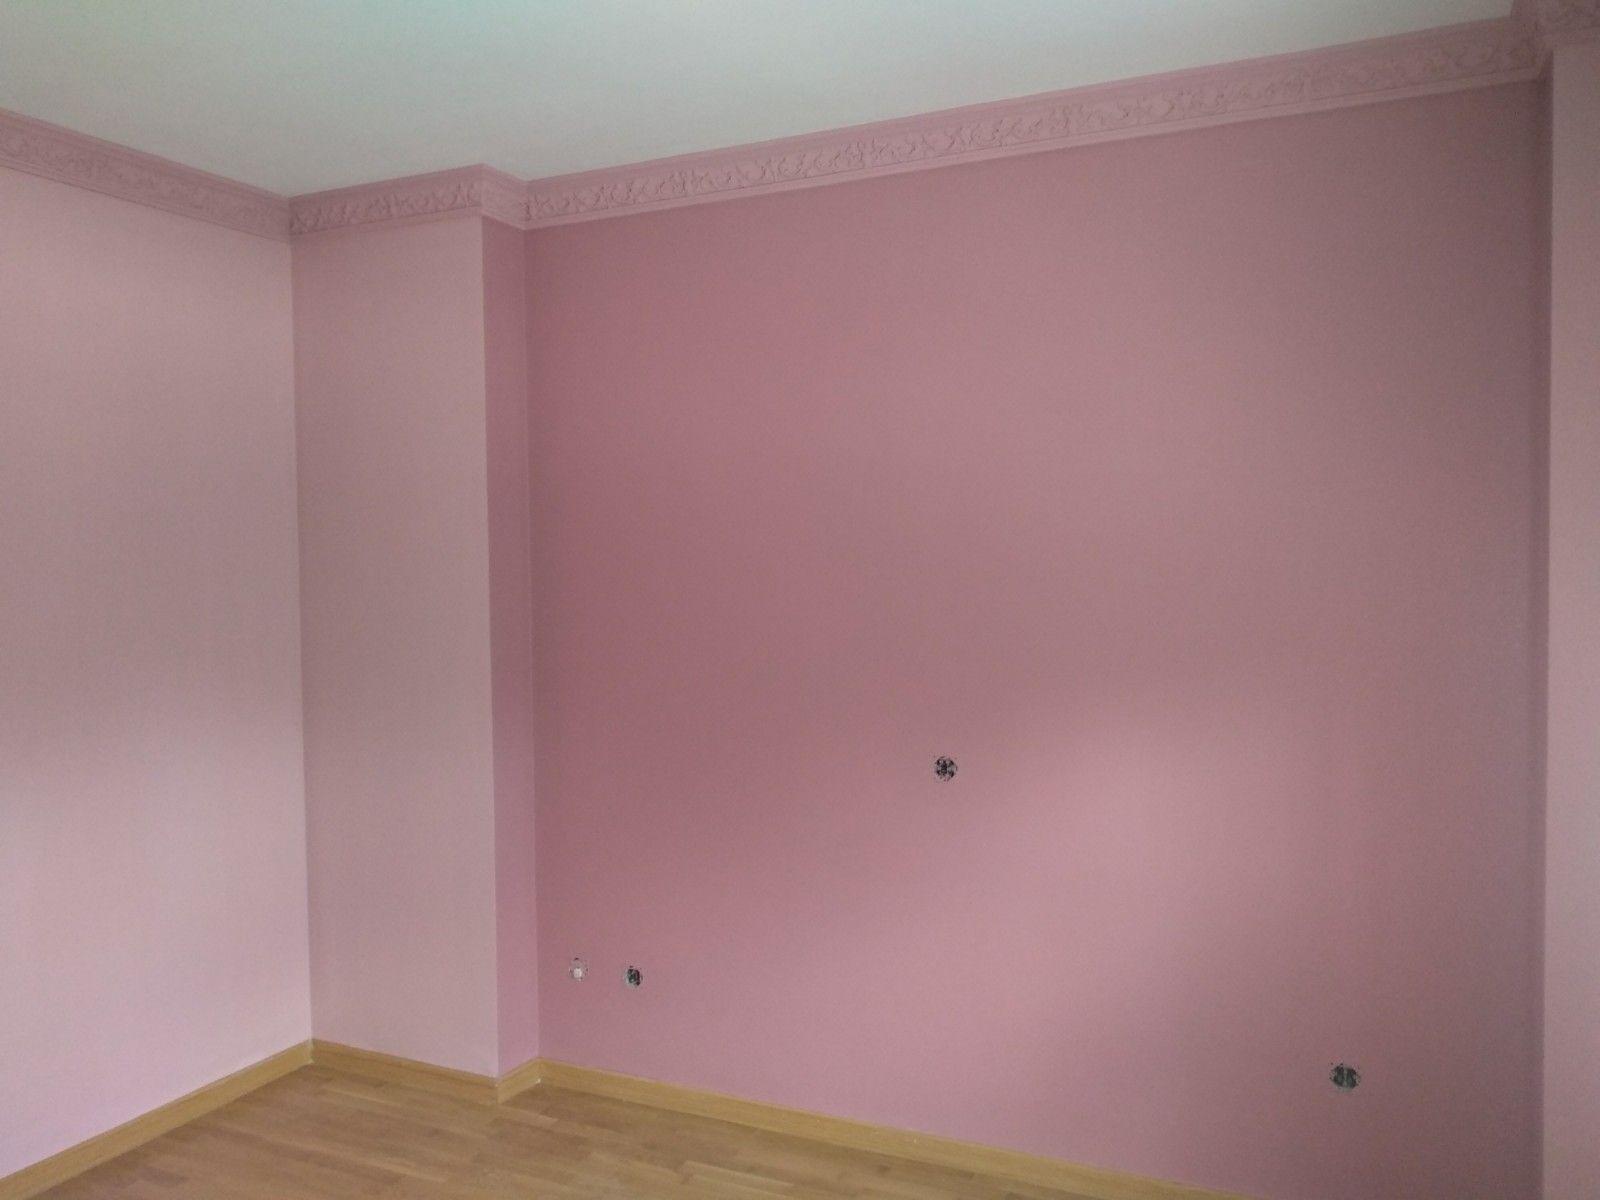 Pintura lisa en hogar